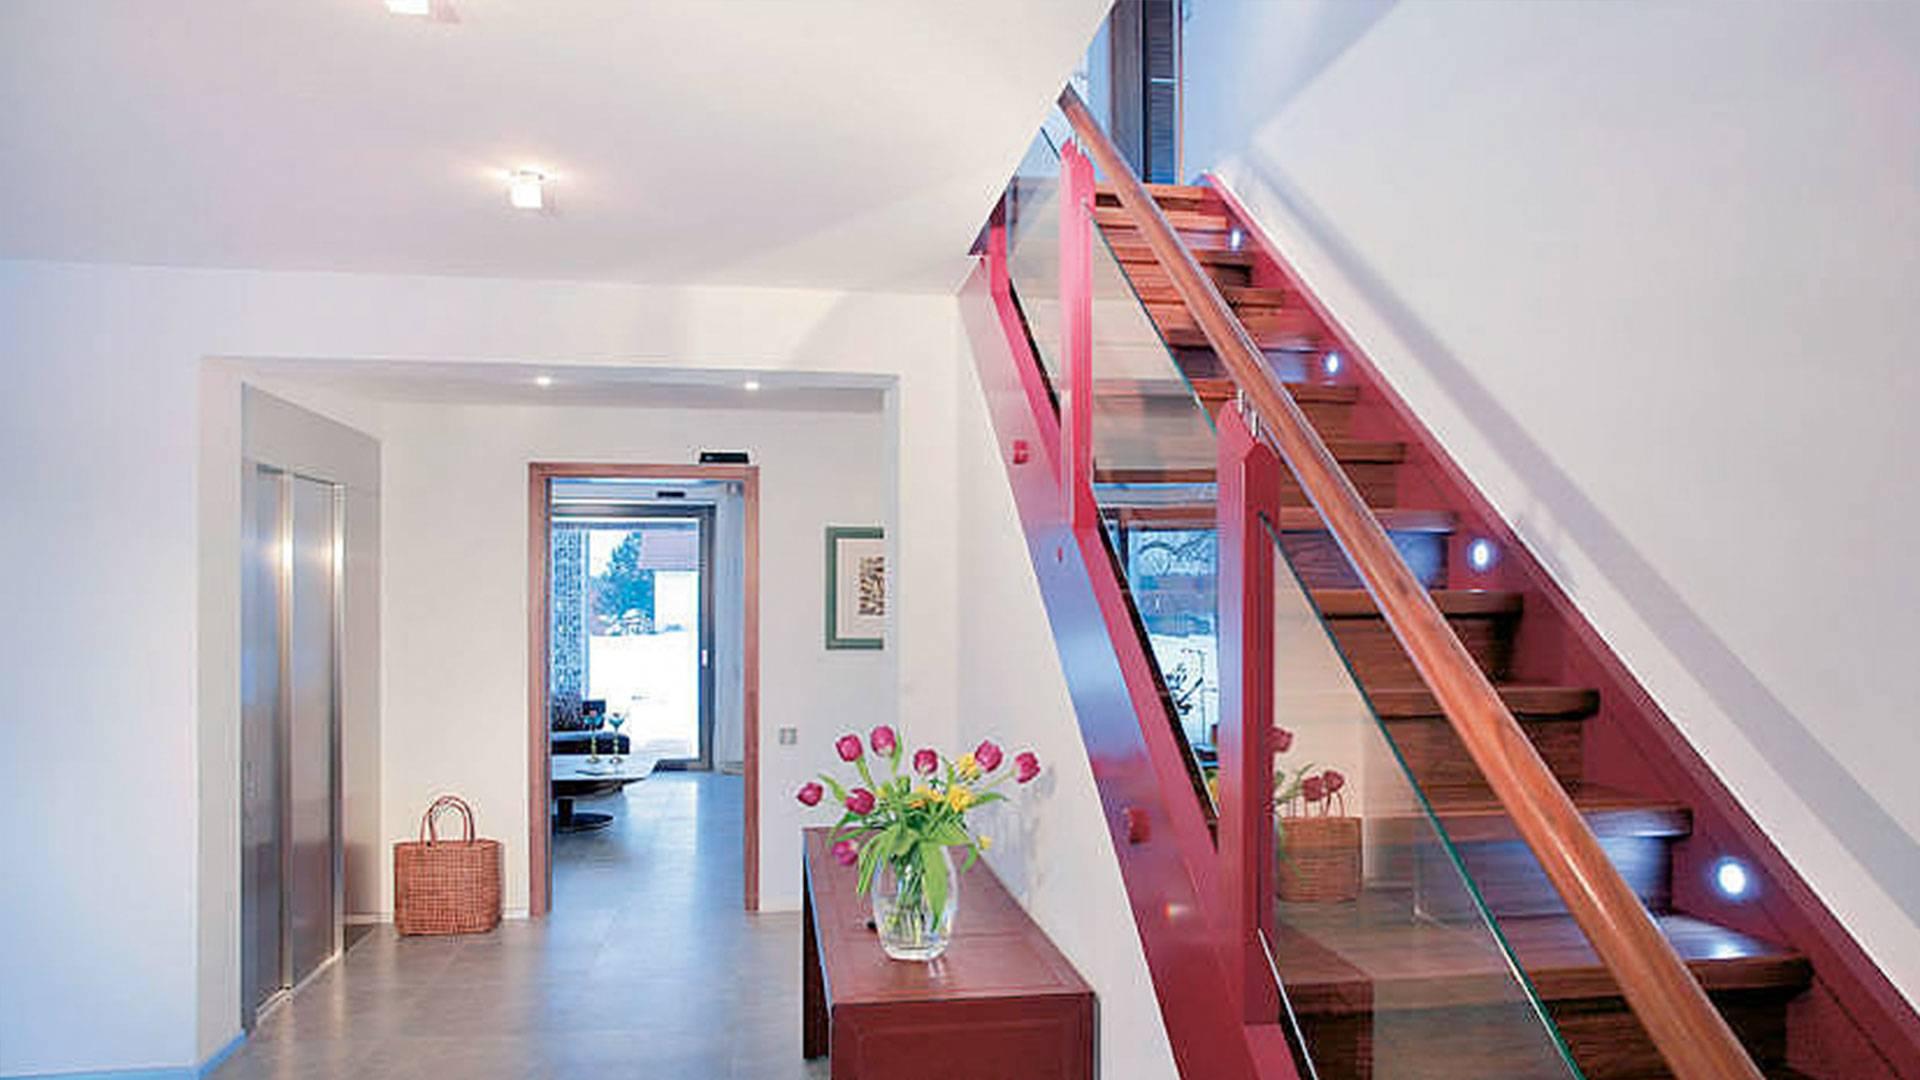 Fahrstuhl Einfamilienhaus Preis barrierefreies haus bauen beispielhäuser förderungen